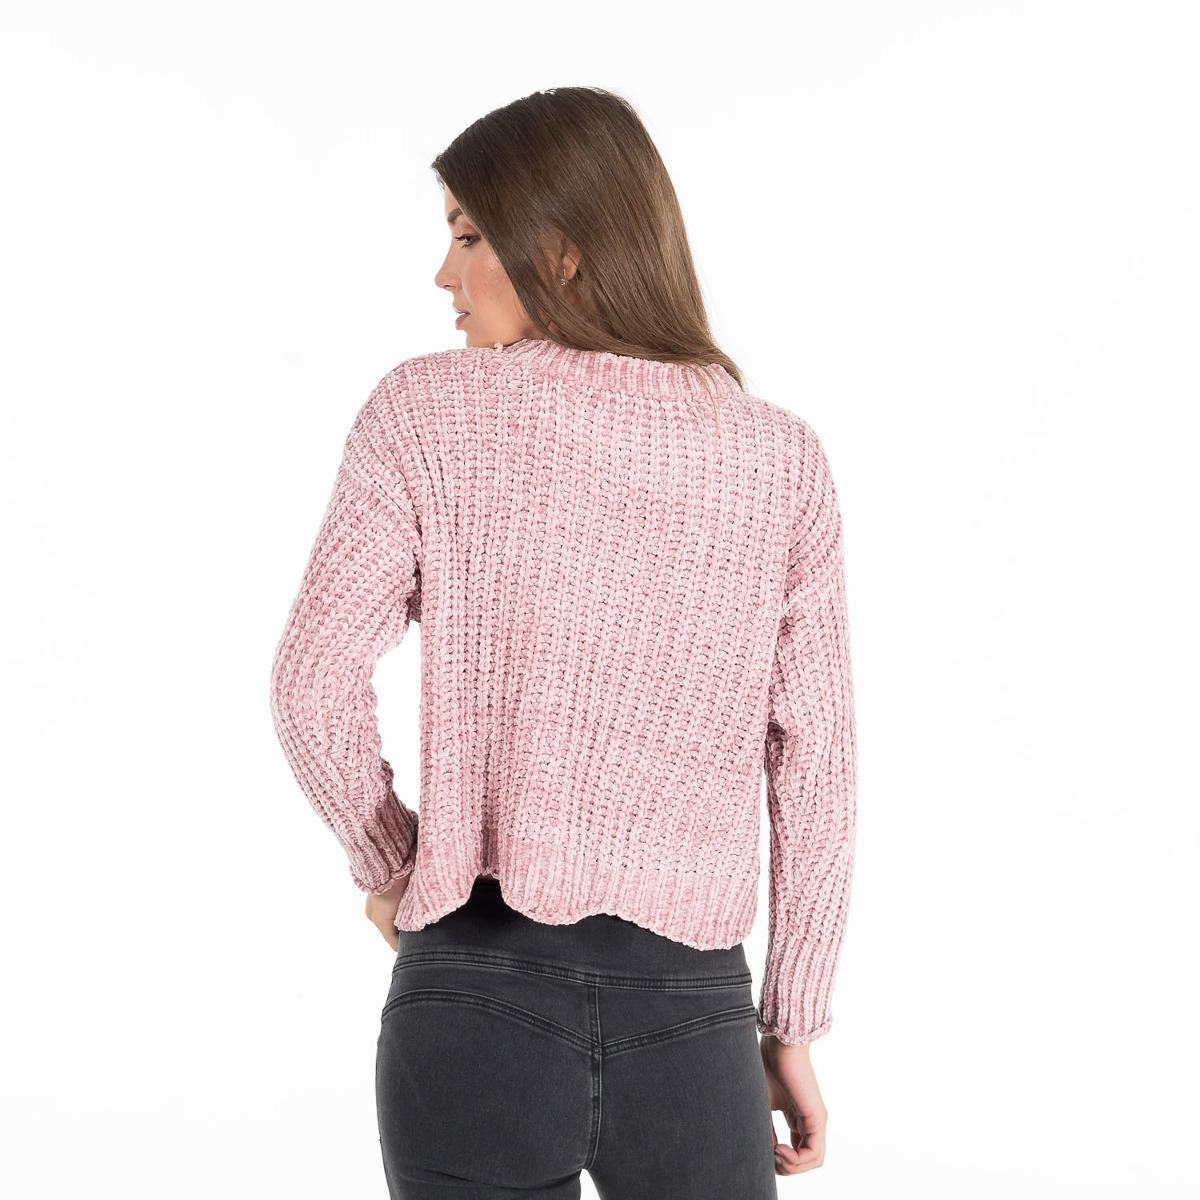 c04d9bf1a007f Sweater Cuello Redondo Qd26a055 Quarry -   199.90 en Mercado Libre